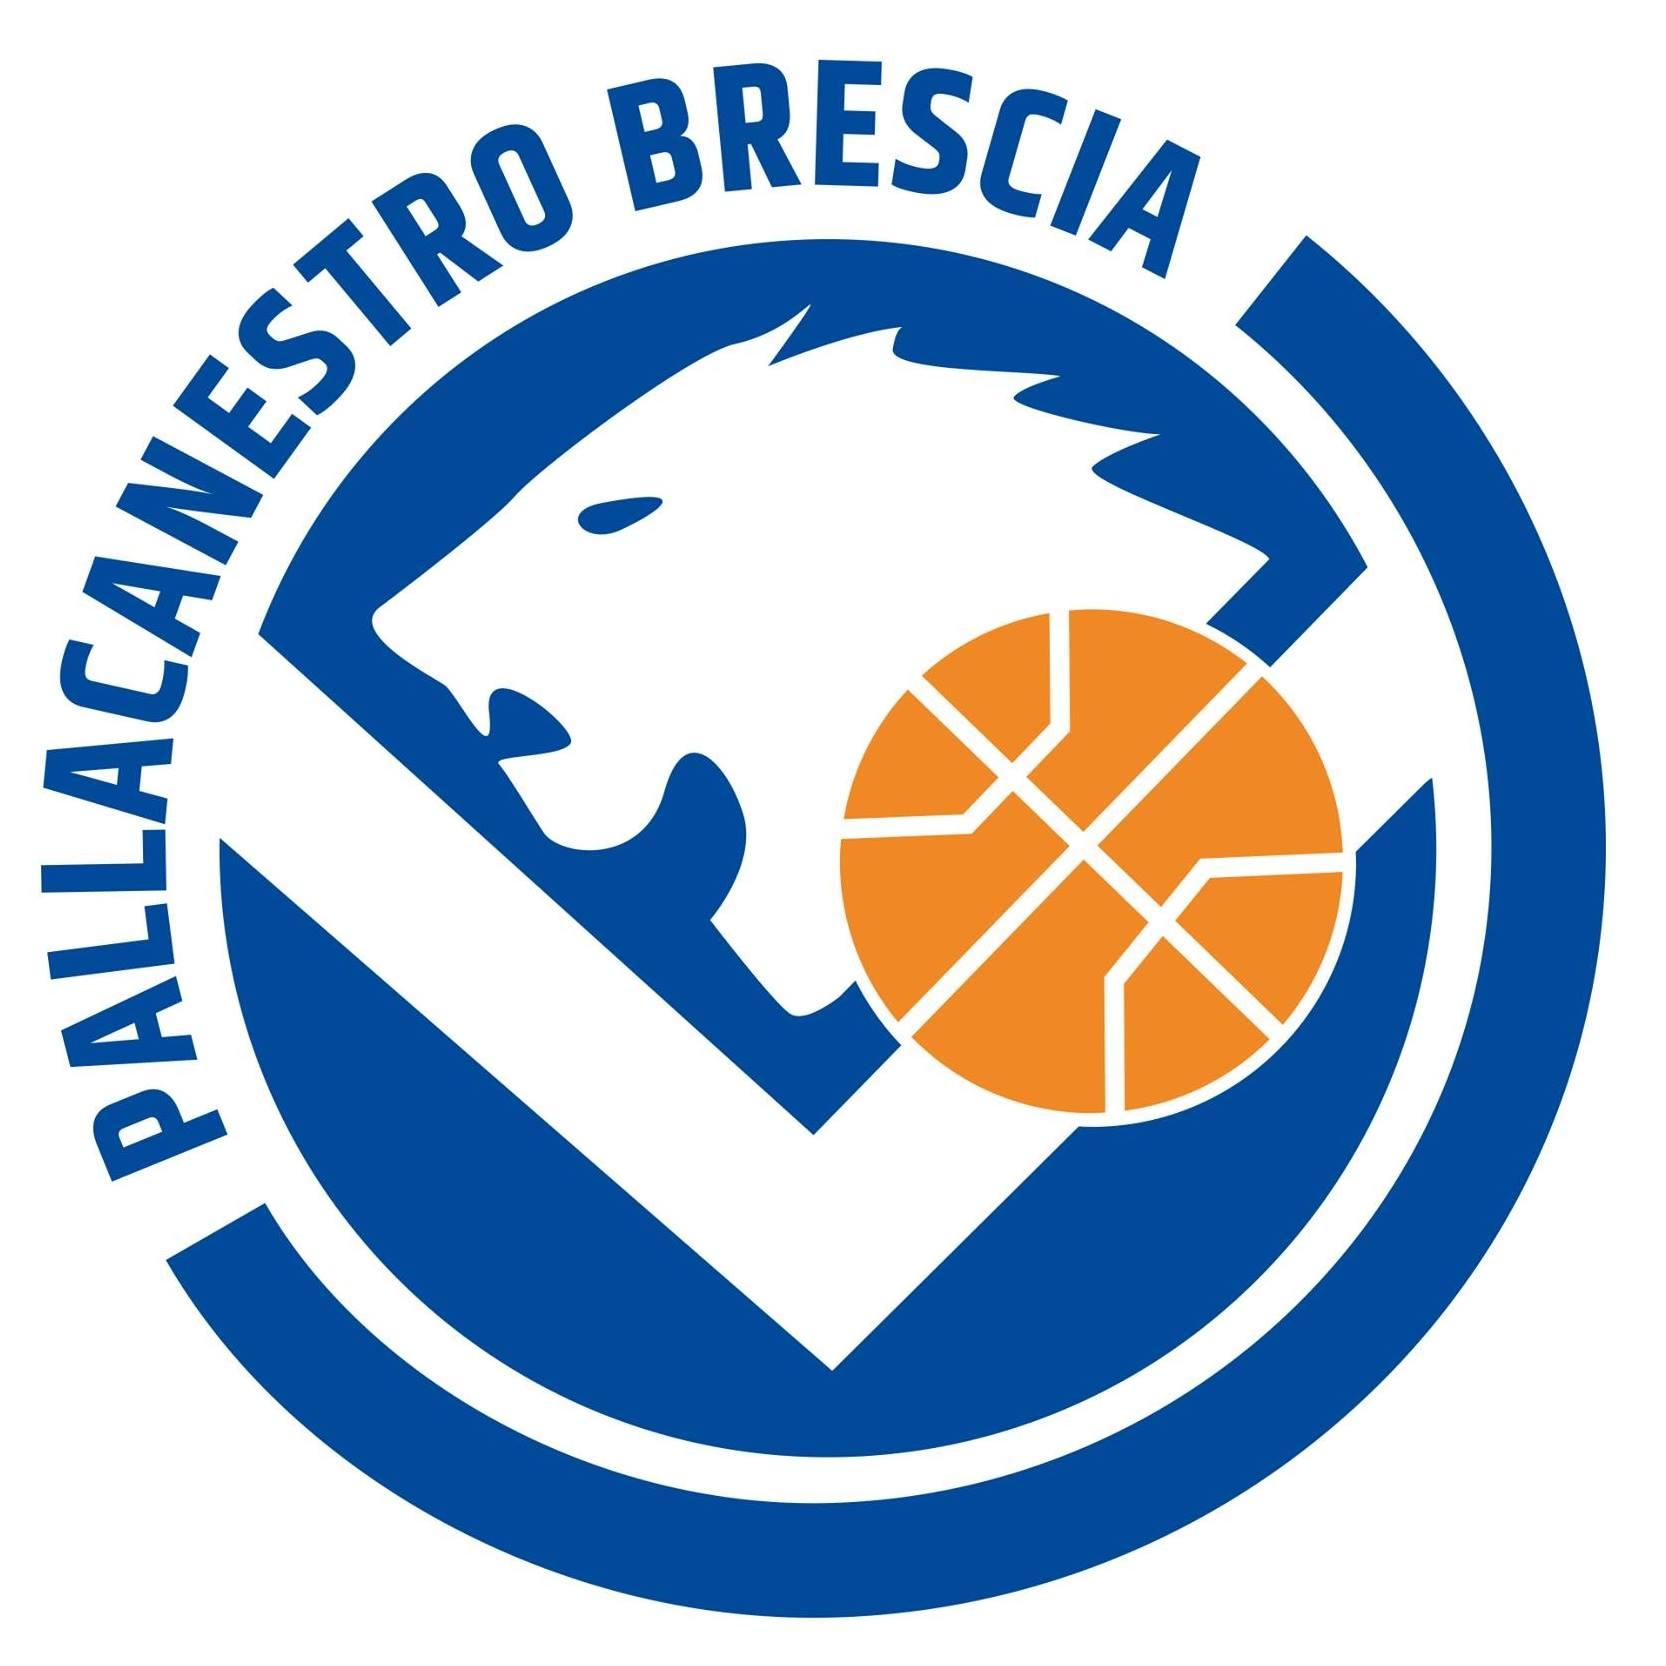 Germani Brescia, nota della società sulle condizioni dell'atleta Kenny Chery